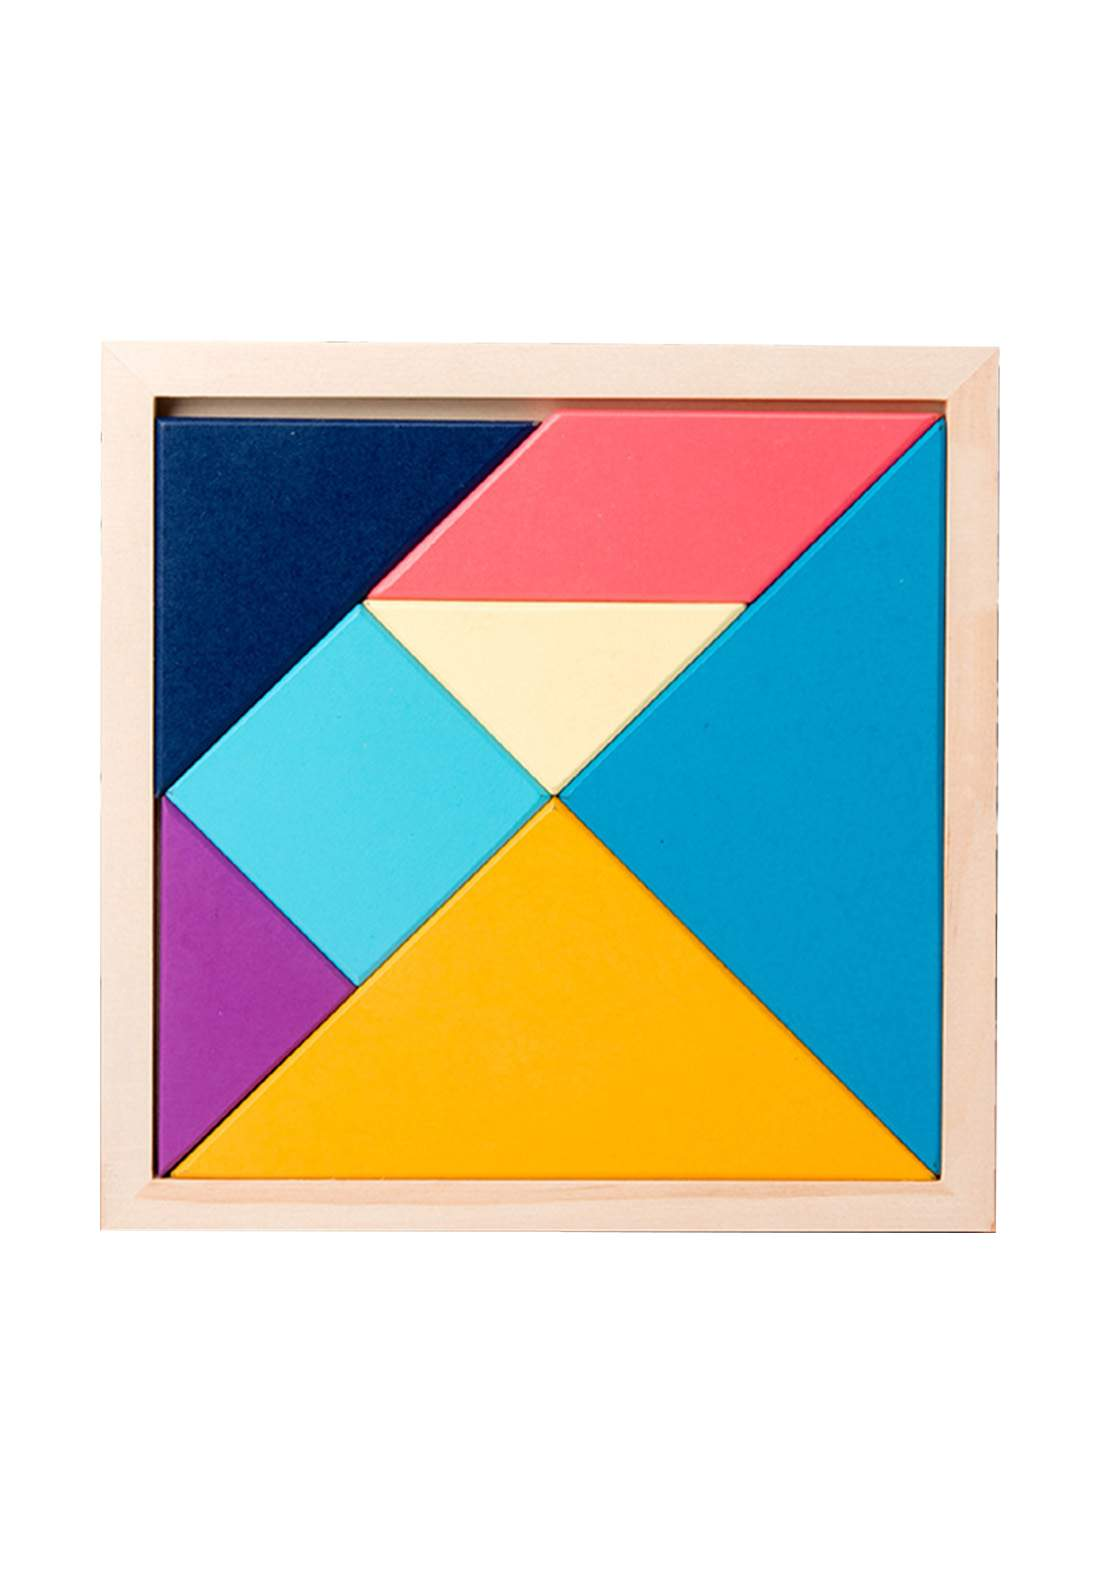 Wooden Puzzle Toy for Kids لعبة تركيب القطع المبعثرة لتصميم شكل مُعَين